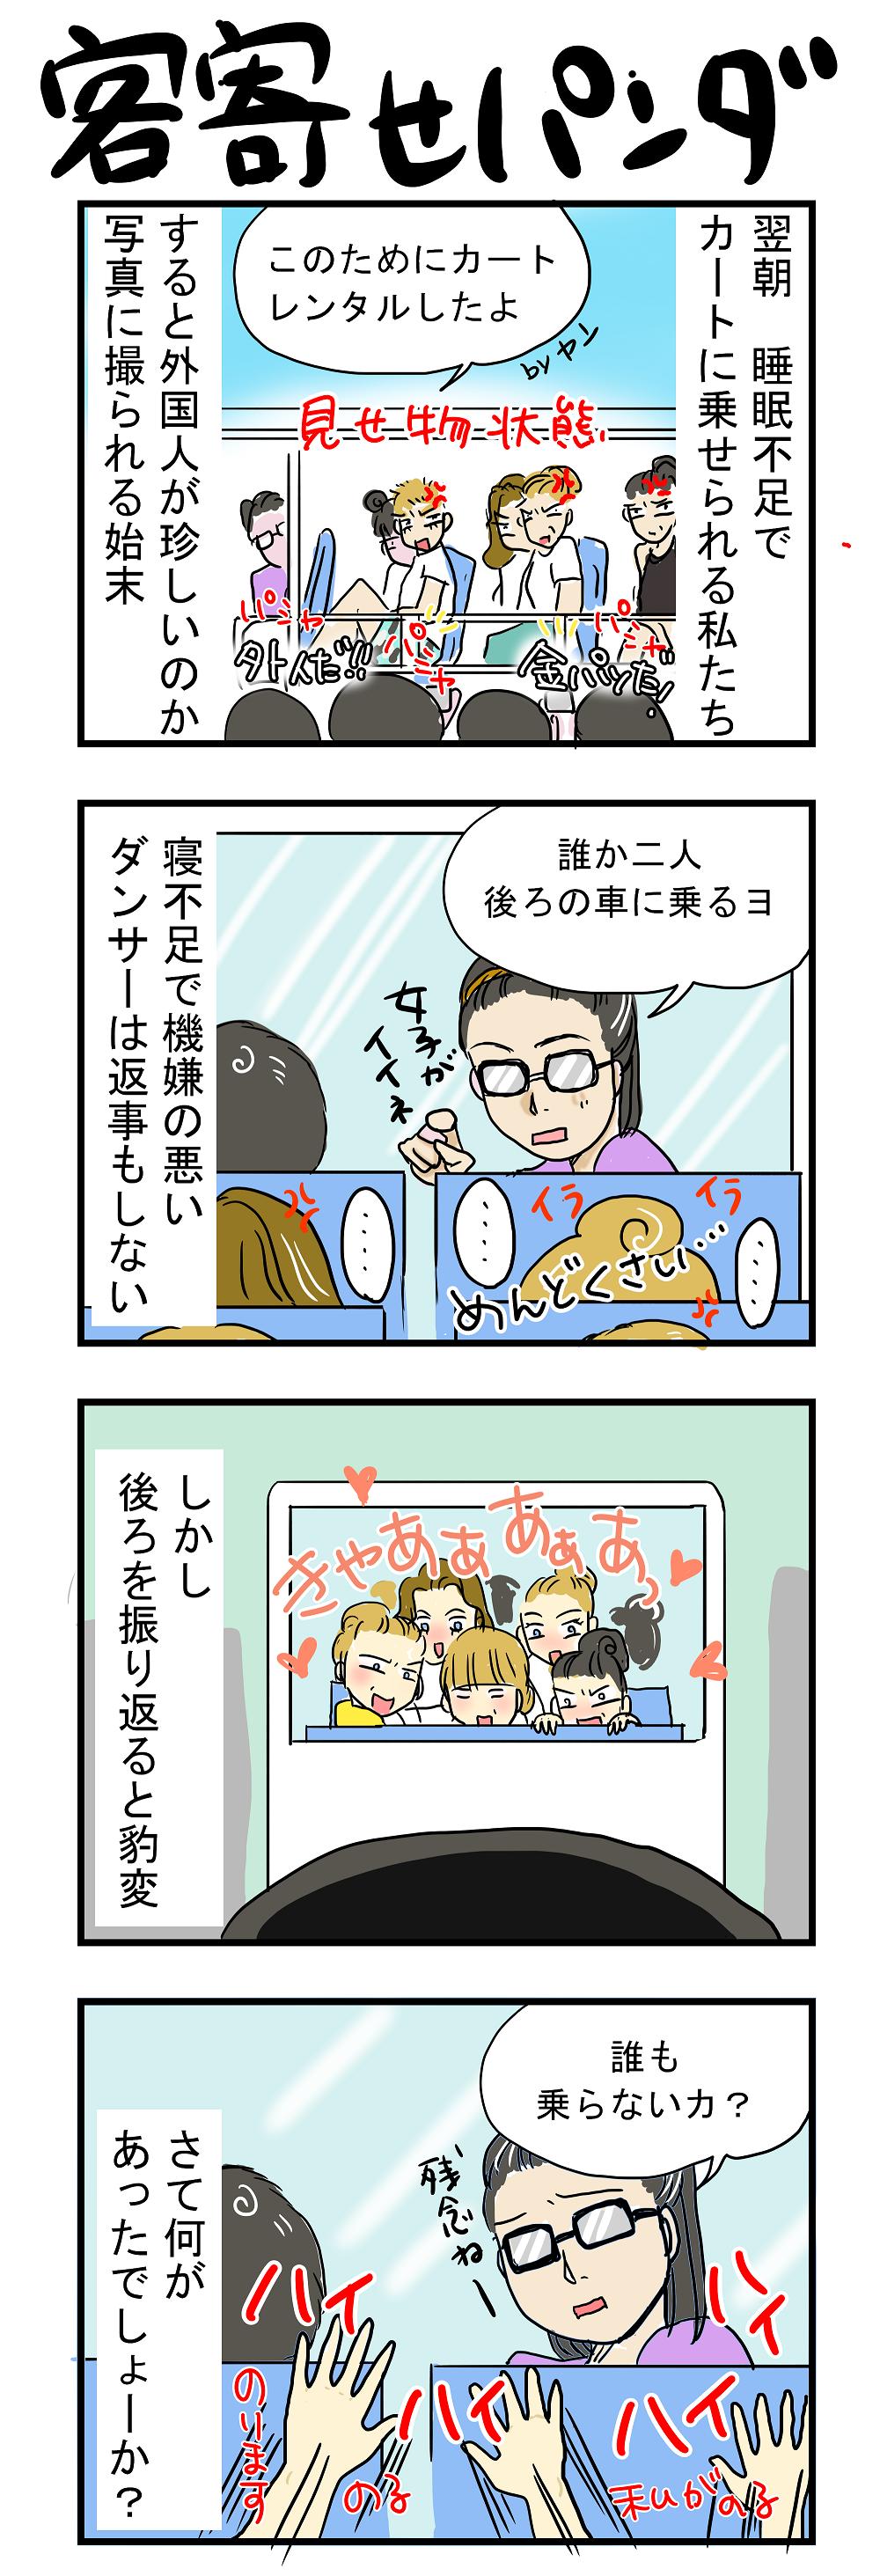 【悲報】ホロライブの新しい声明文、ガチ ...